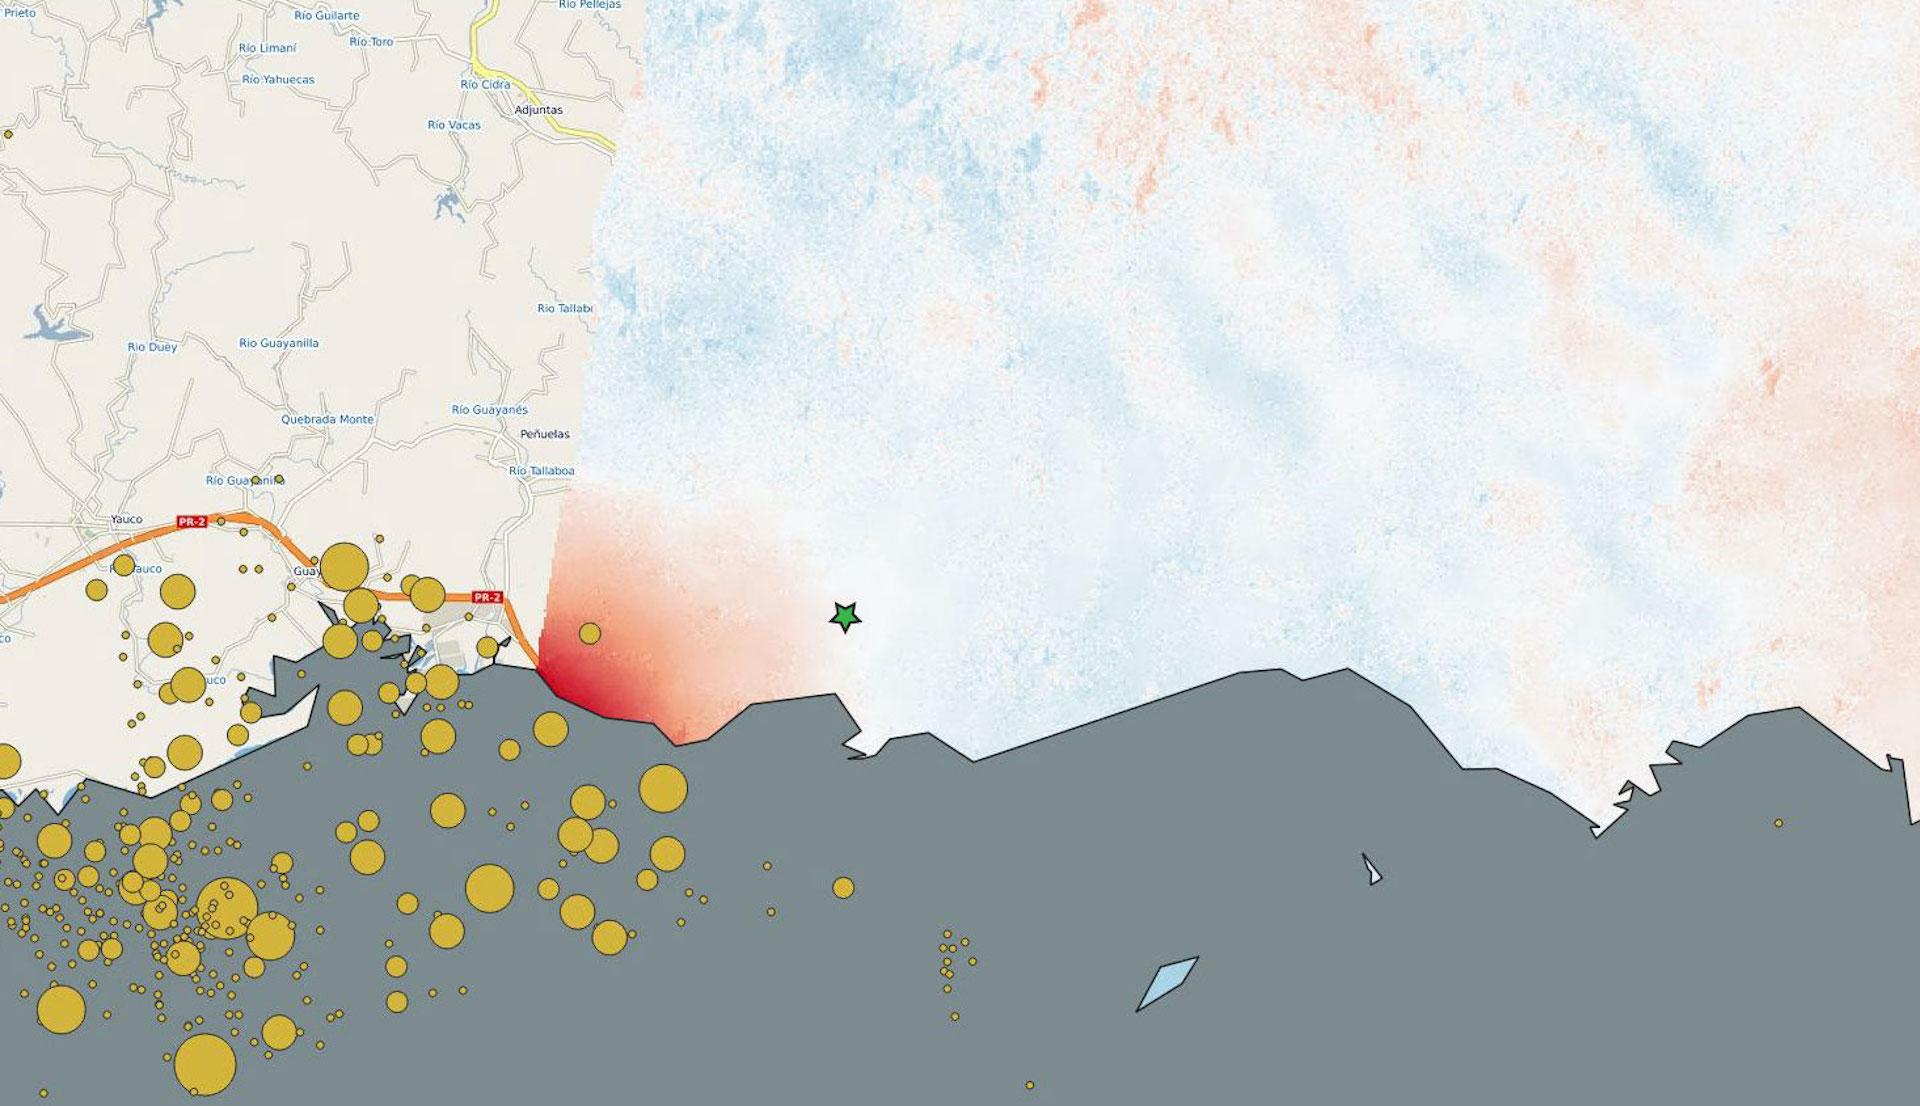 Tras el último terremoto en Puerto Rico, así cambió su superficie